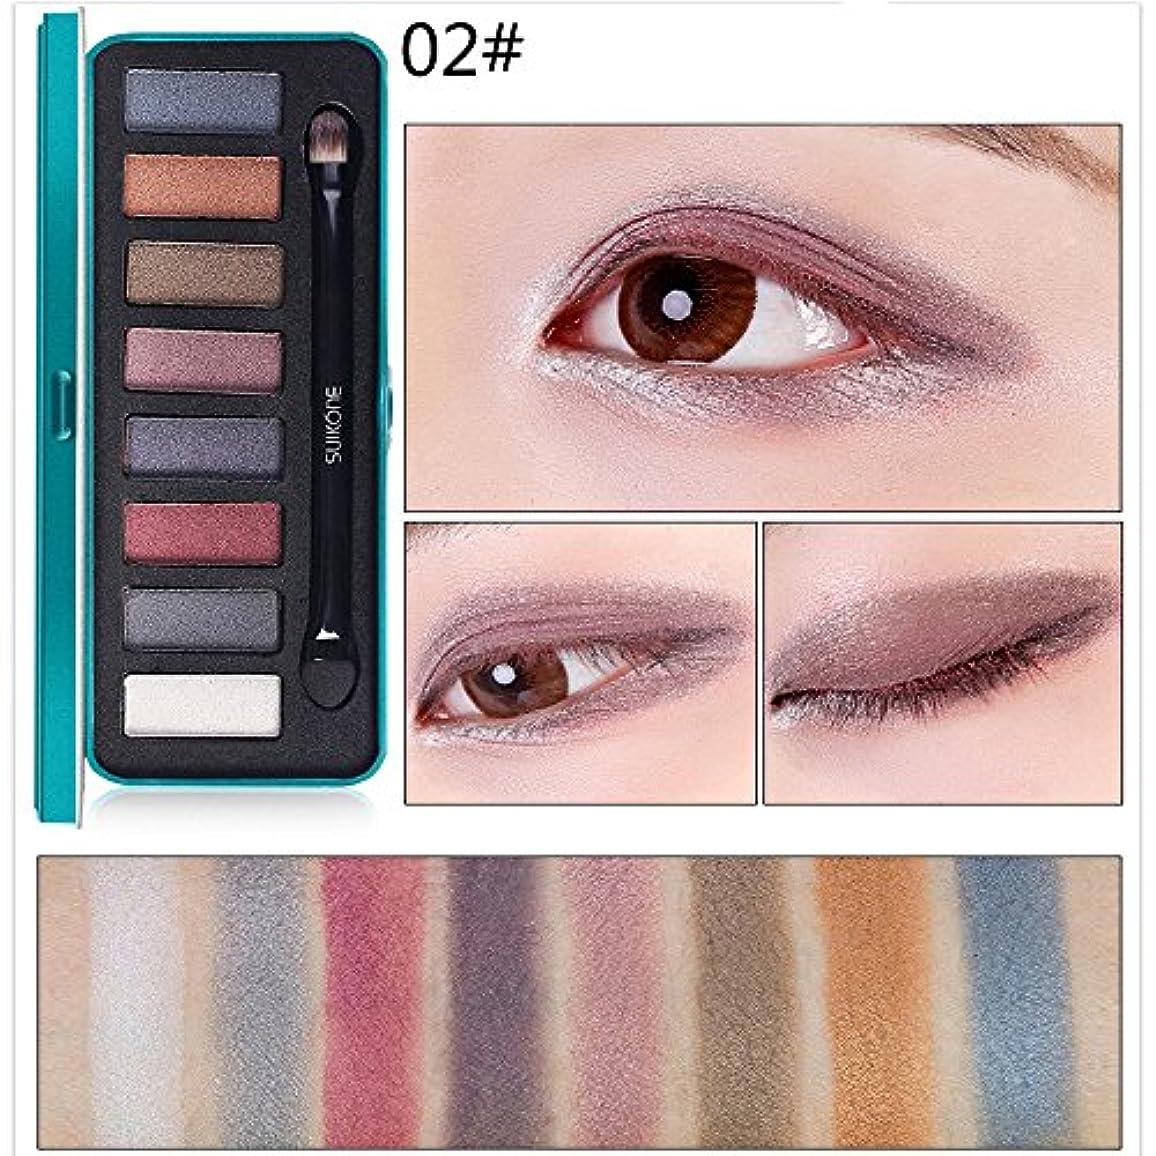 逆ミントタイヤAkane アイシャドウパレット Suikone ファッション 人気 気質的 綺麗 メタルボックス 魅力的 チャーム 防水 長持ち おしゃれ 持ち便利 Eye Shadow (8色)